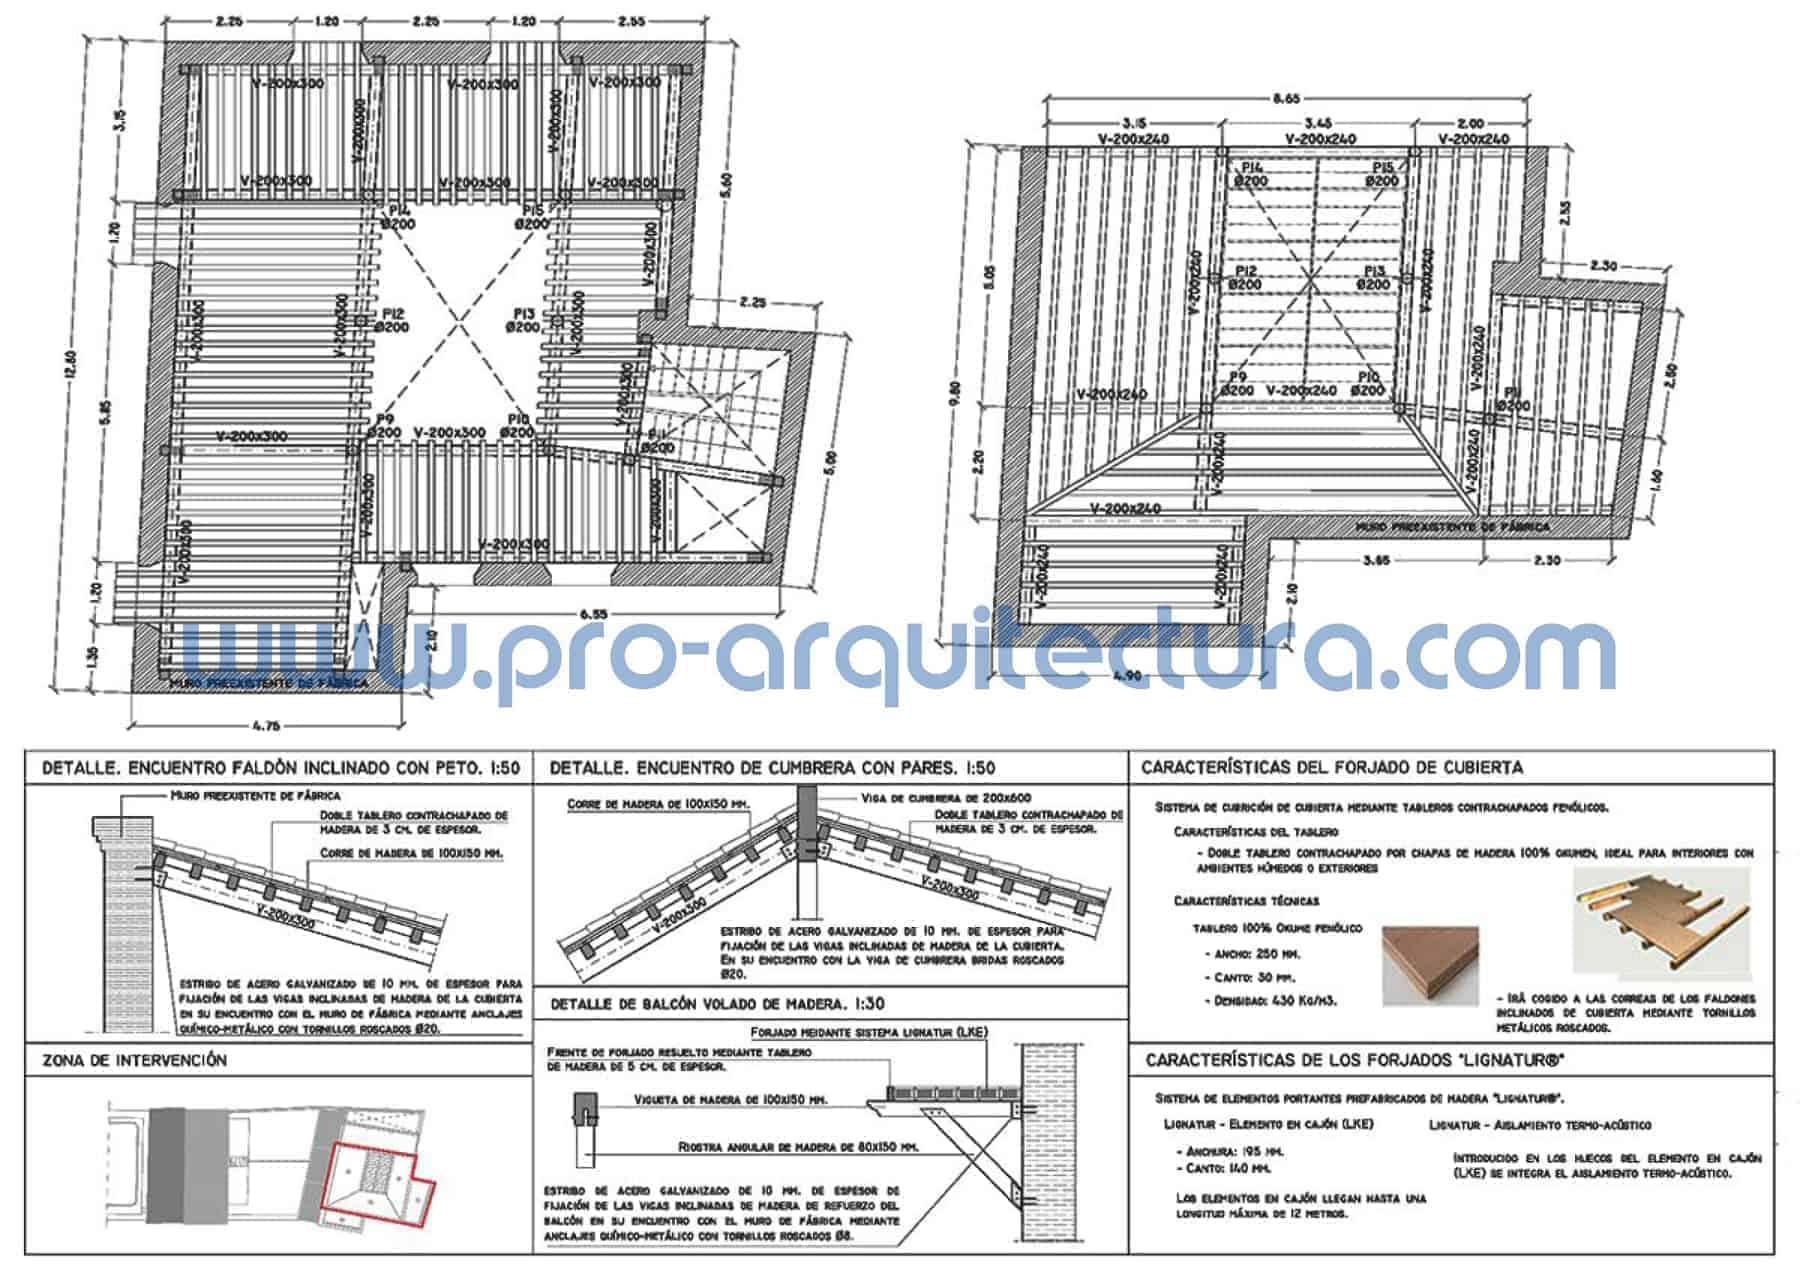 0002-05 Oficina de turismo - Rehabilitación - Planos de estructuras - Tu ayuda con la entrega de la estructura del pfc pfg tfg tfm de arquitectura. Estructura de madera.